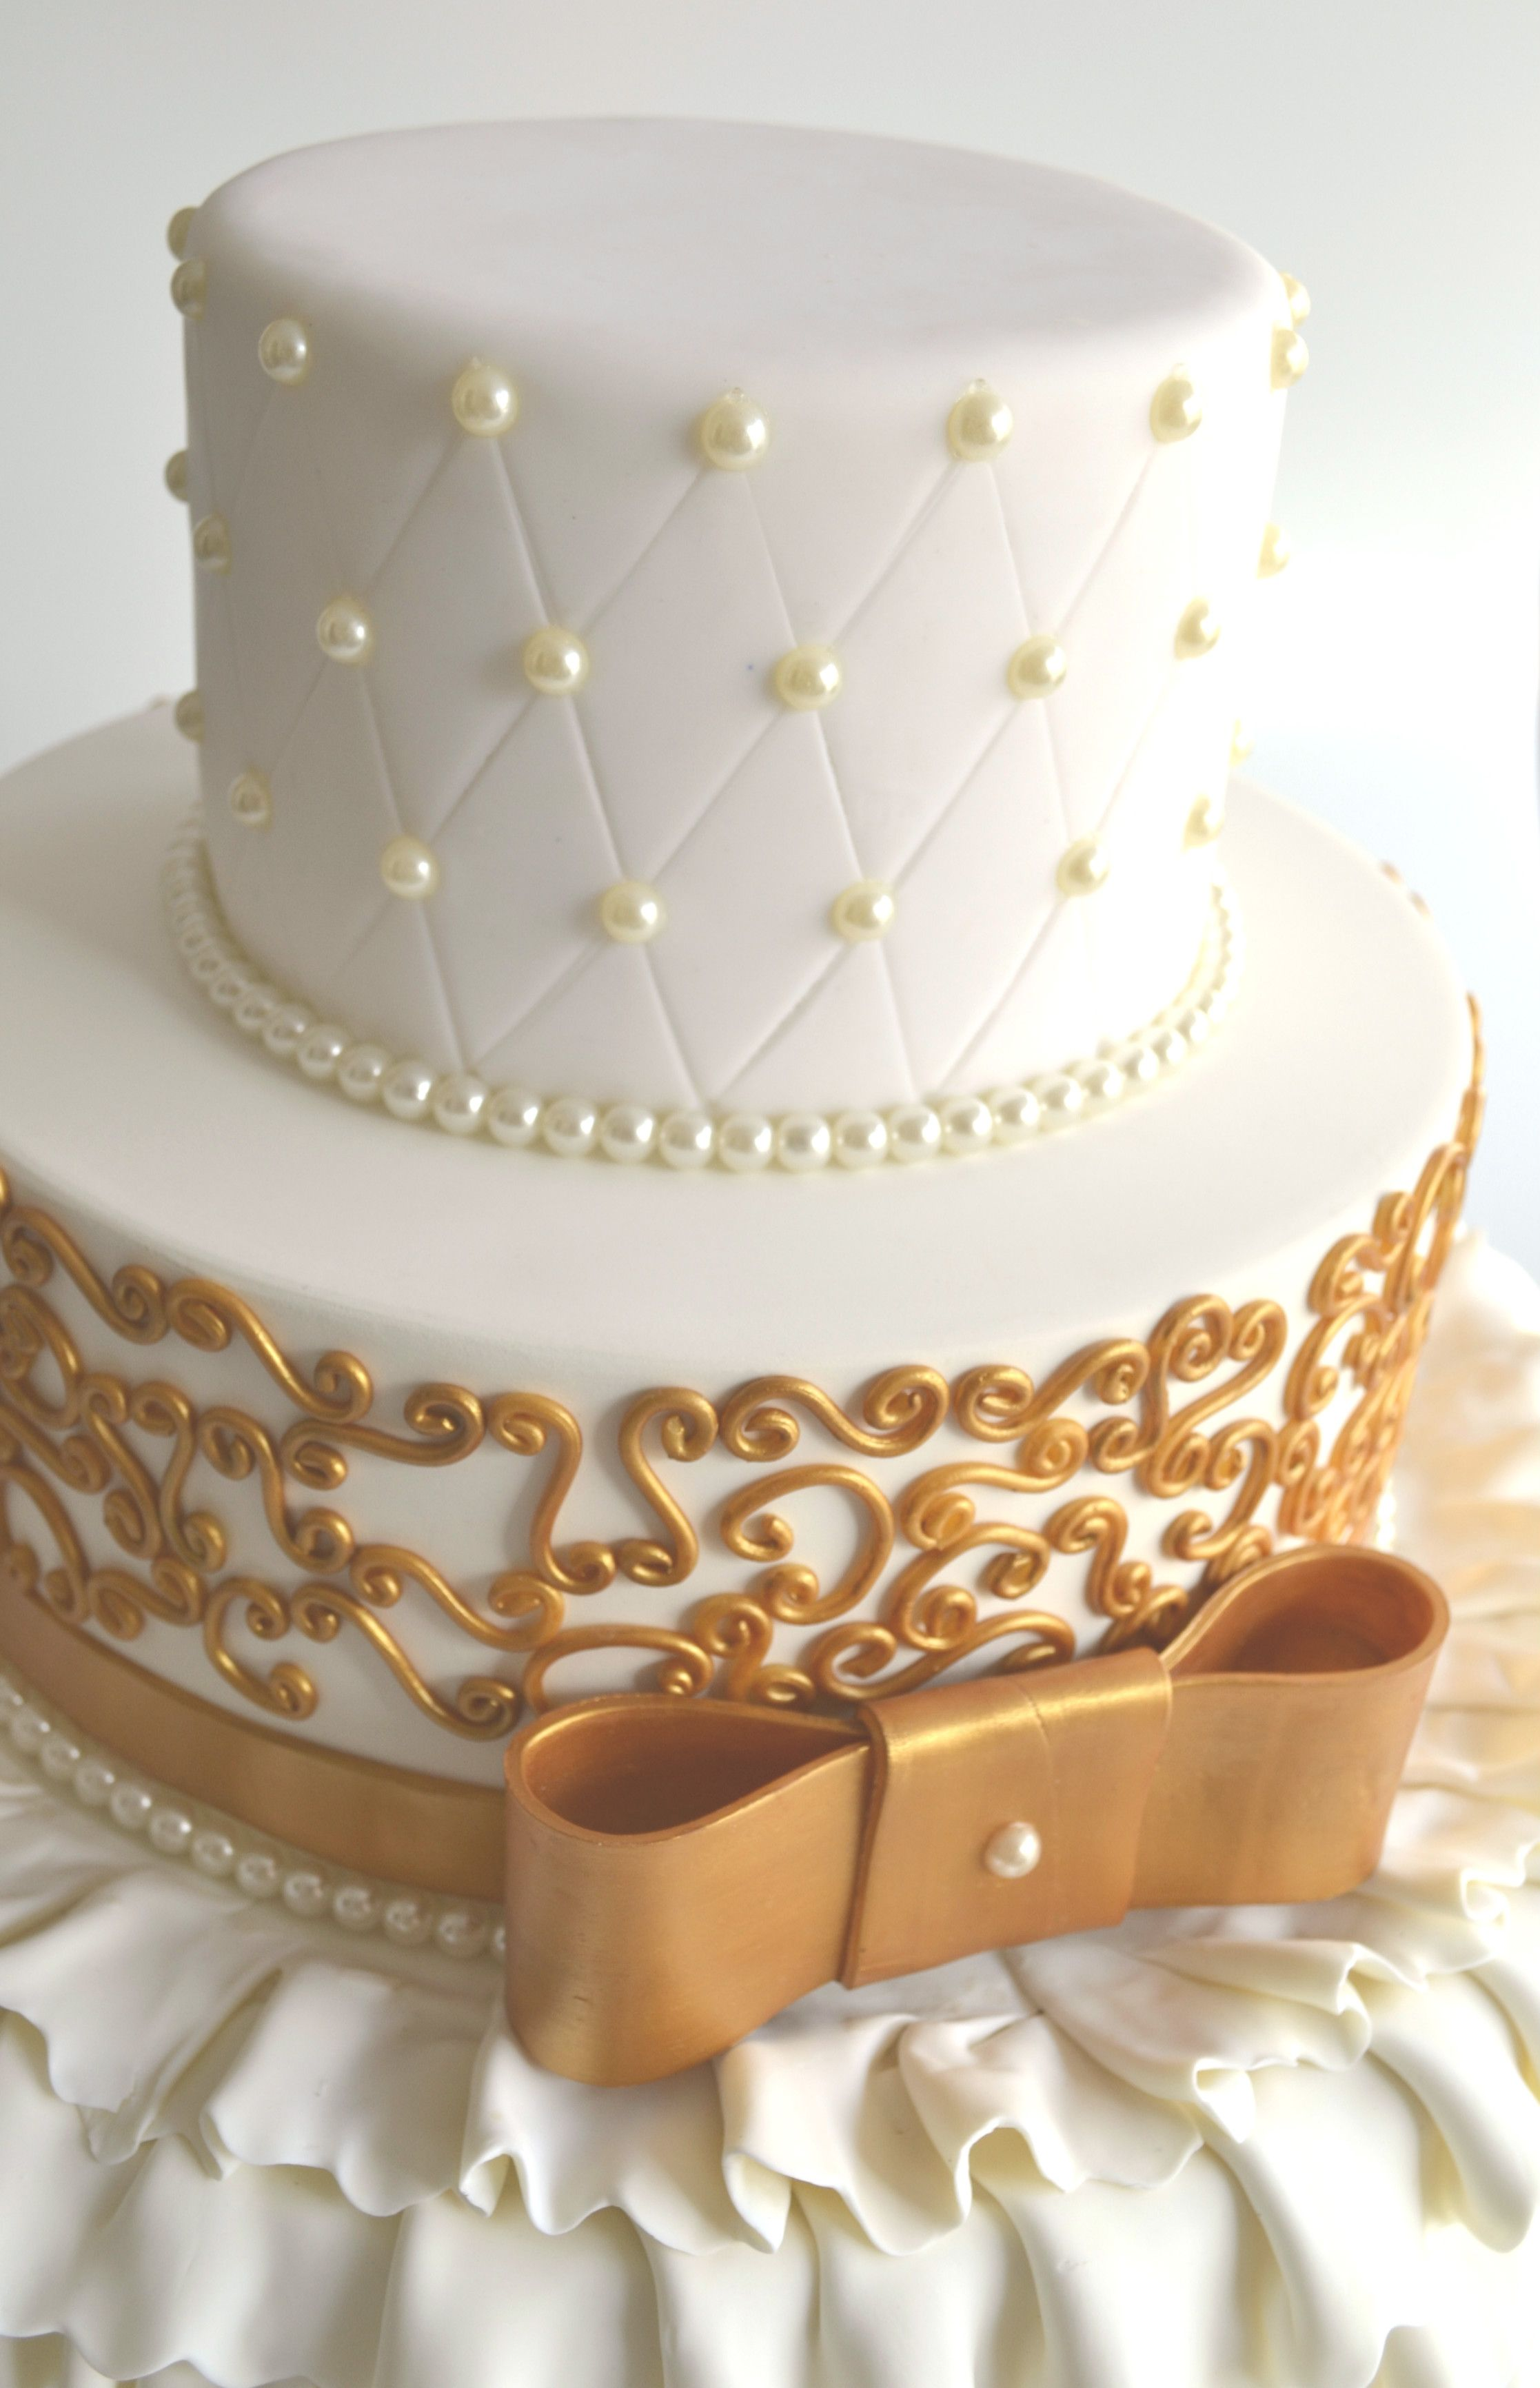 Bolo cenogrfico branco e dourado de casamento ou 15 anos decorado bolo cenogrfico branco e dourado de casamento ou 15 anos decorado com prolas e arabesco dourado ideais de decorao de festa thecheapjerseys Choice Image